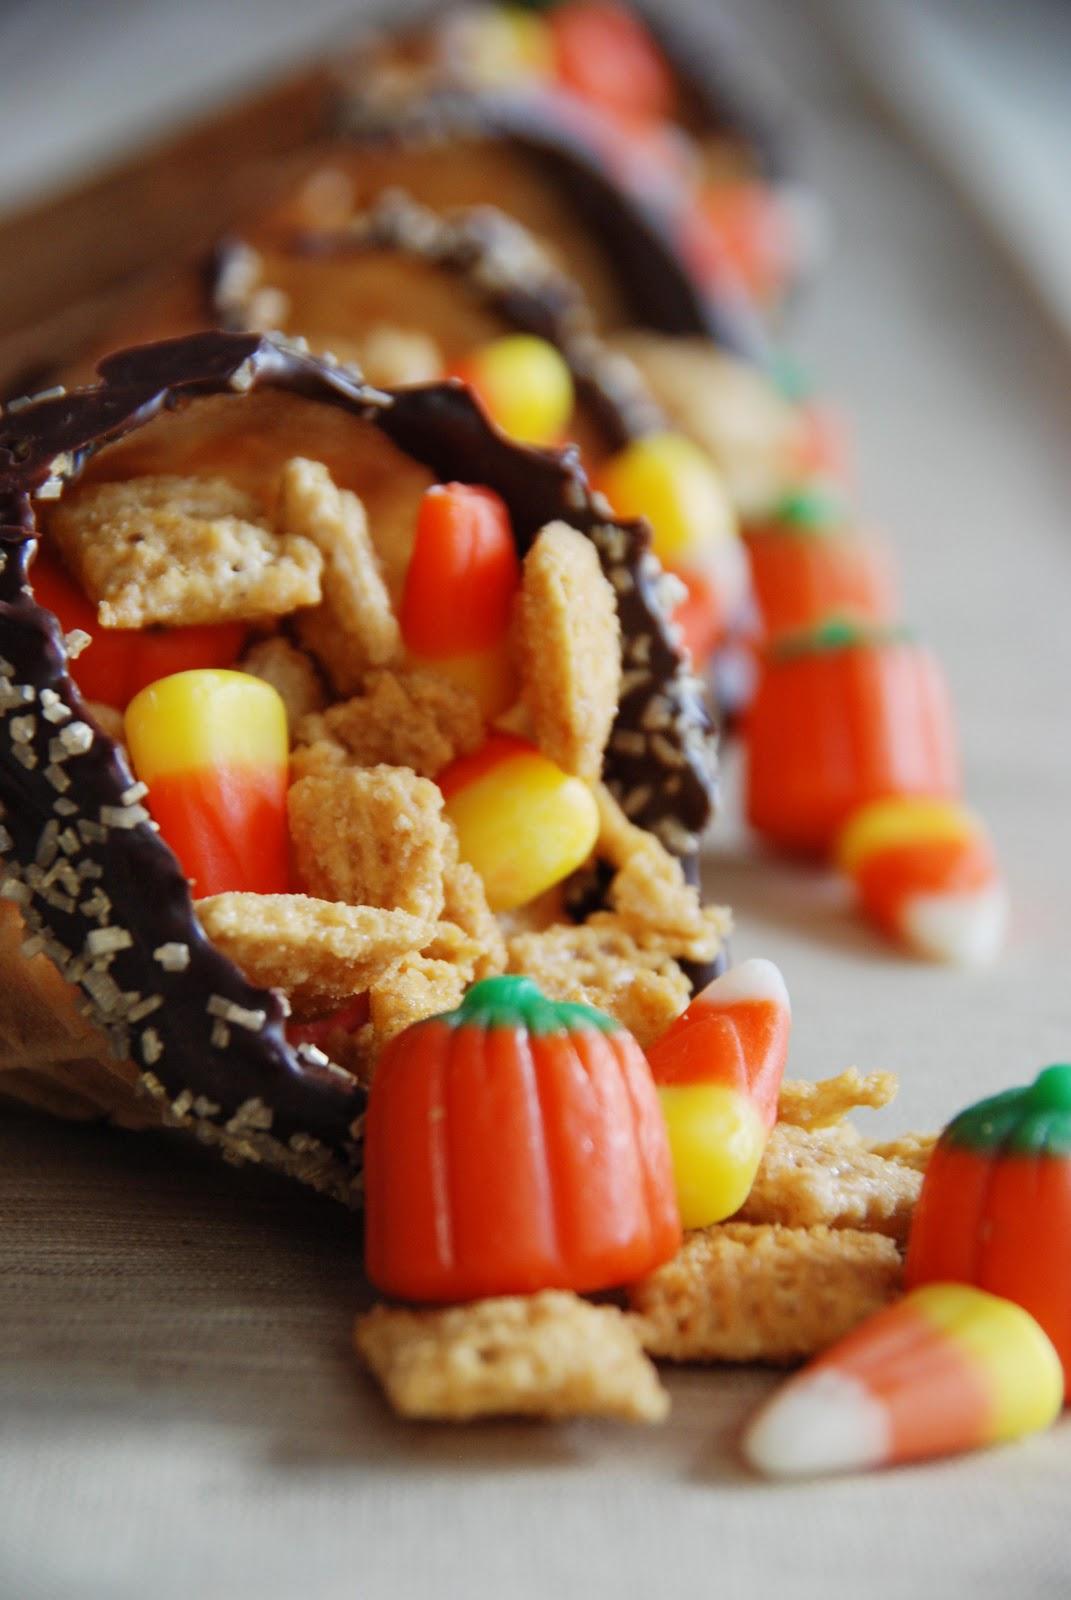 Creative, Fun DIY Edible Thanksgiving Desserts